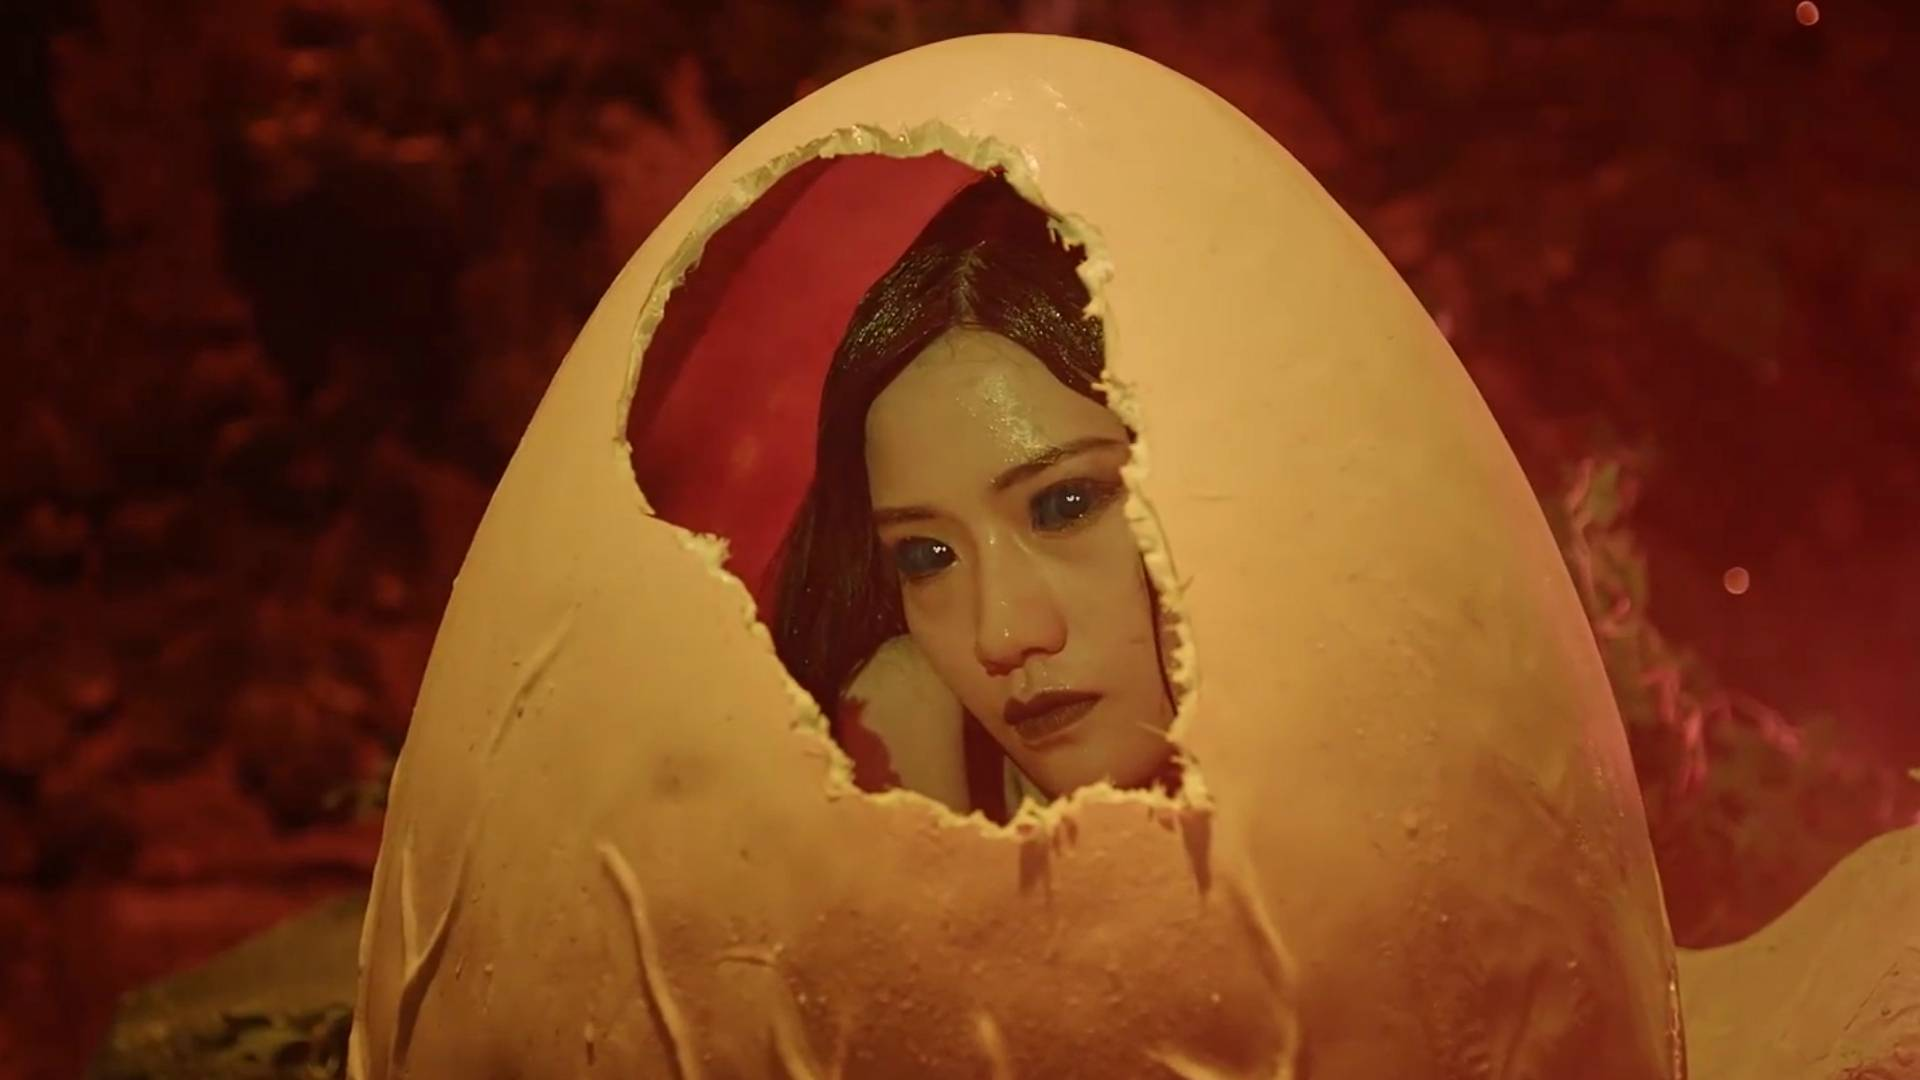 妖怪死后留下一颗蛋,让电影结局发生反转,一部喜剧动作电影